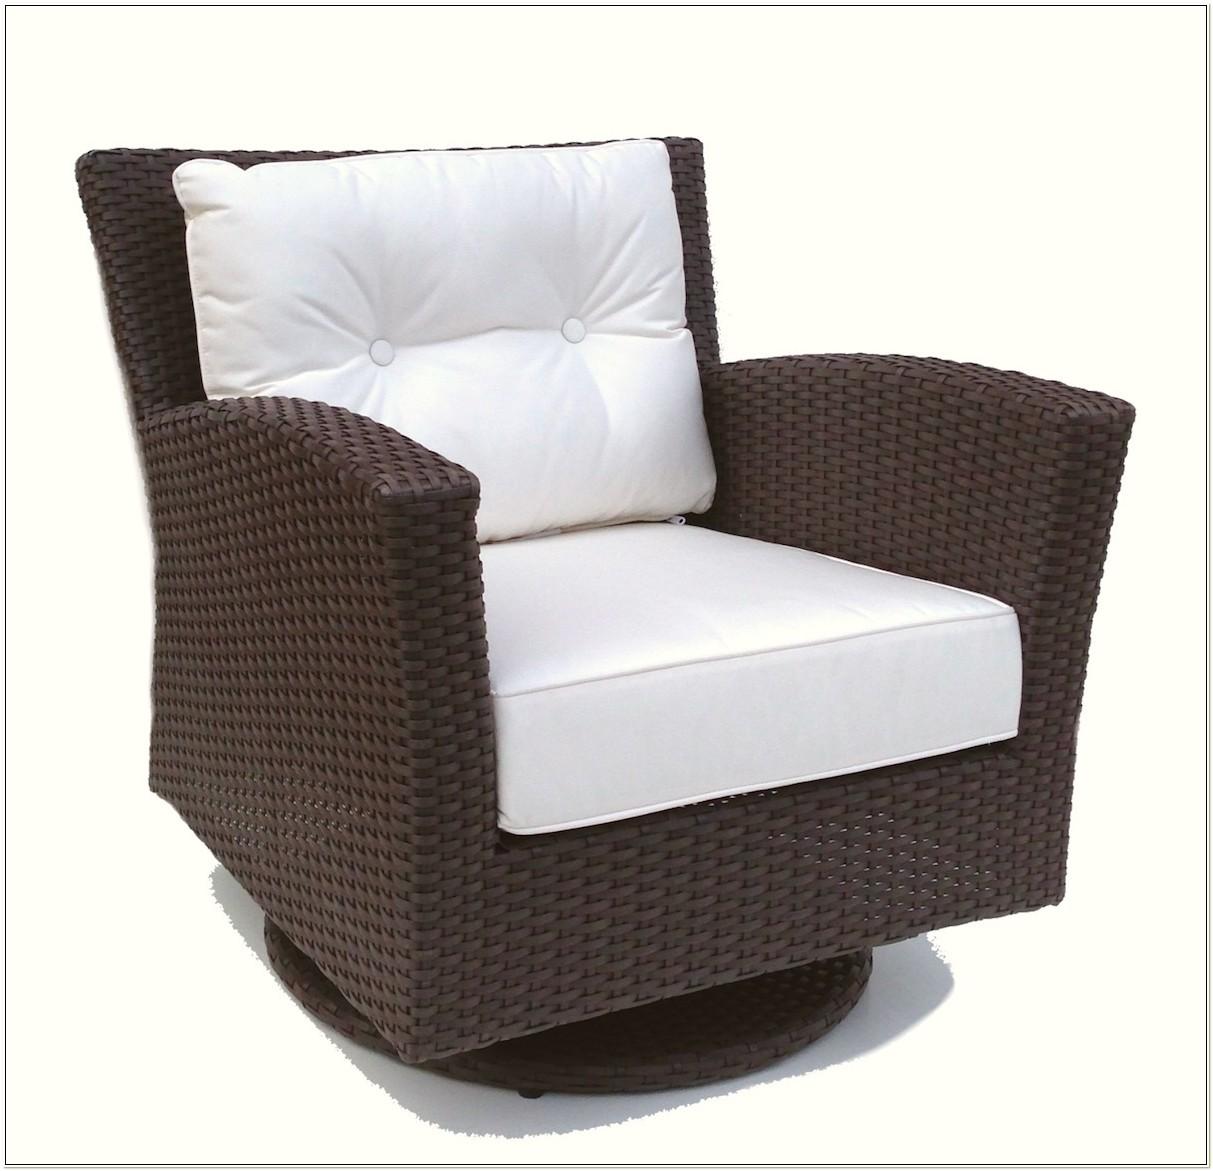 Wicker Swivel Rocker Patio Chairs